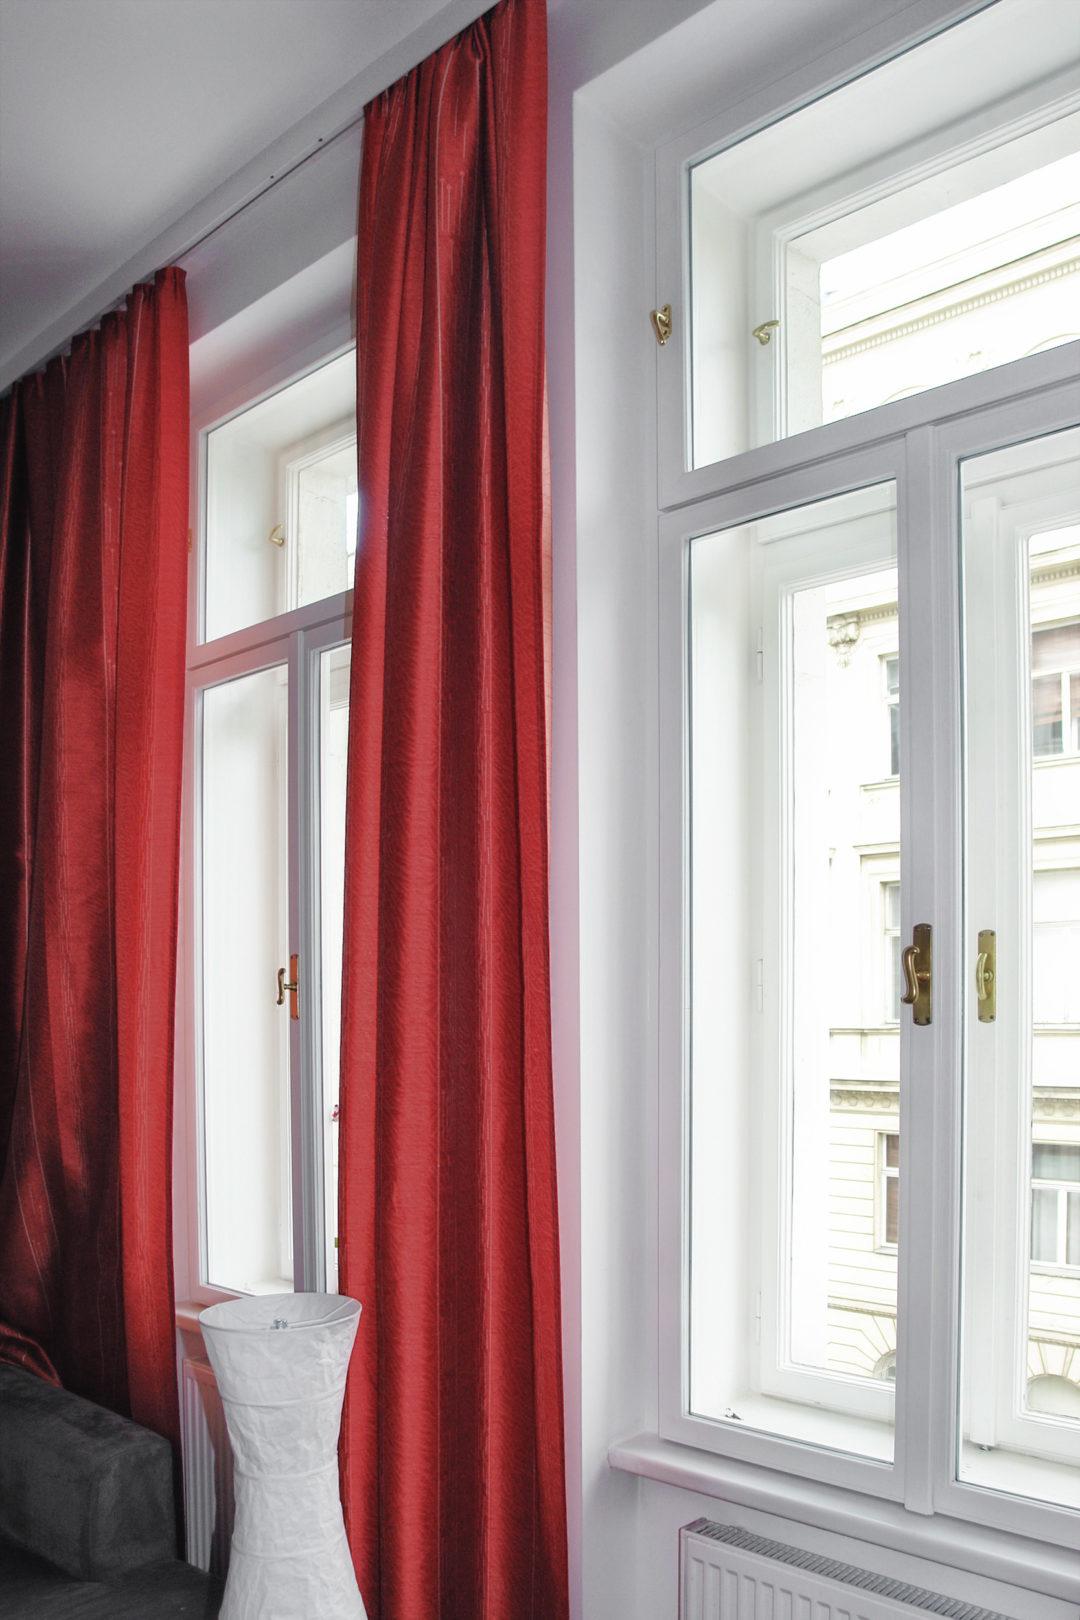 WienerKomfortFenster - saniertes Kastenfenster in Wohnraum